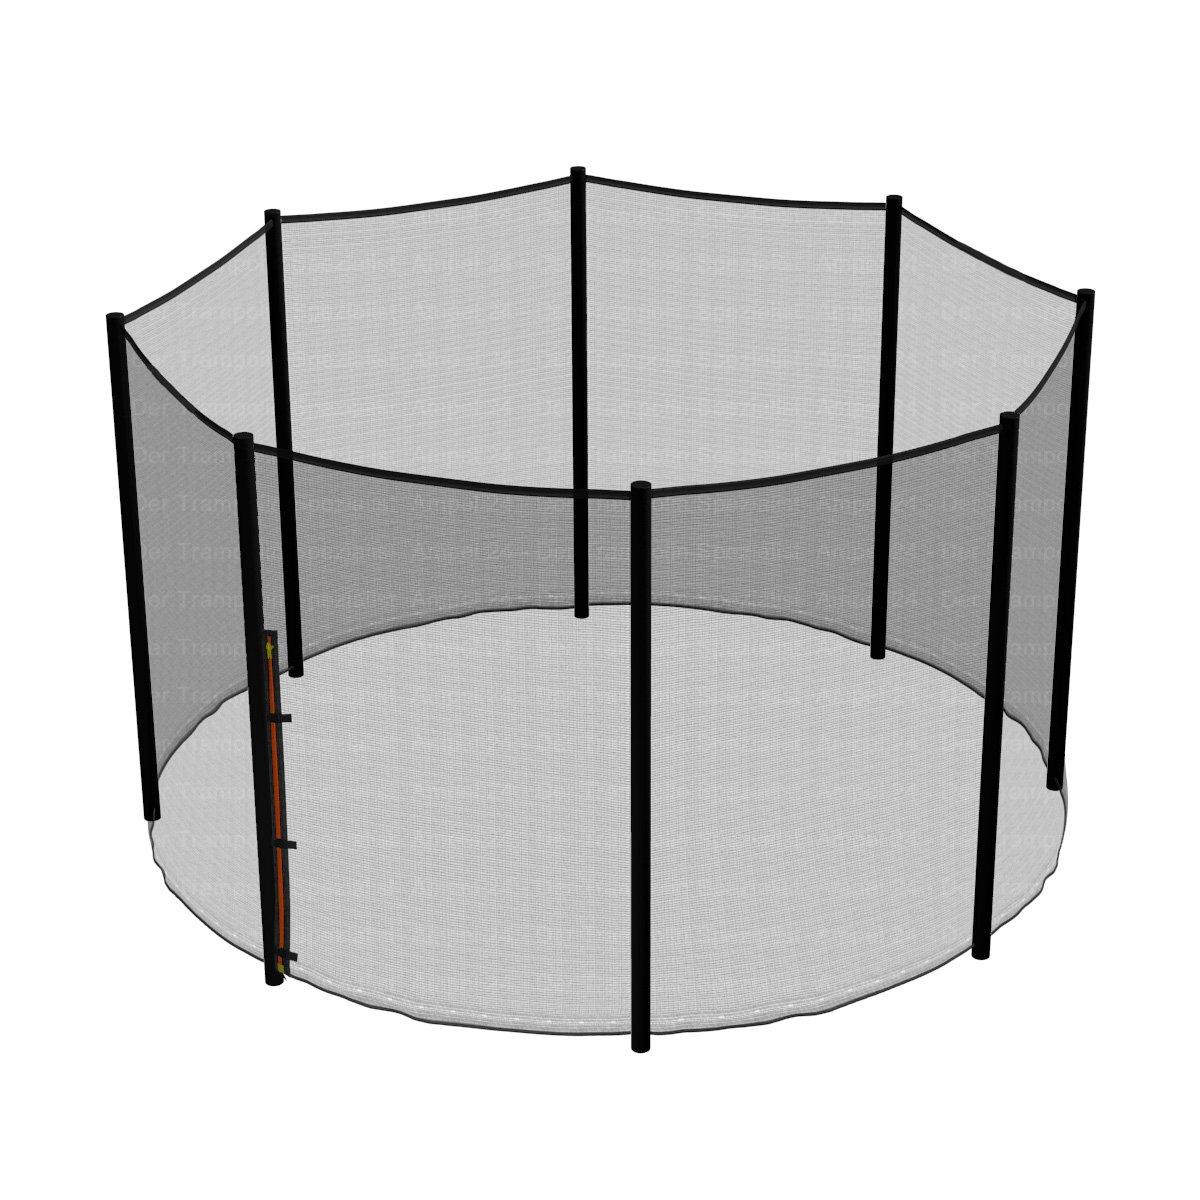 Ampel 24 Trampolin Sicherheitsnetz   Ersatznetz 305 cm für 8 Pfosten   UV-Besteändig   extrem reißfest   Netz außenliegend